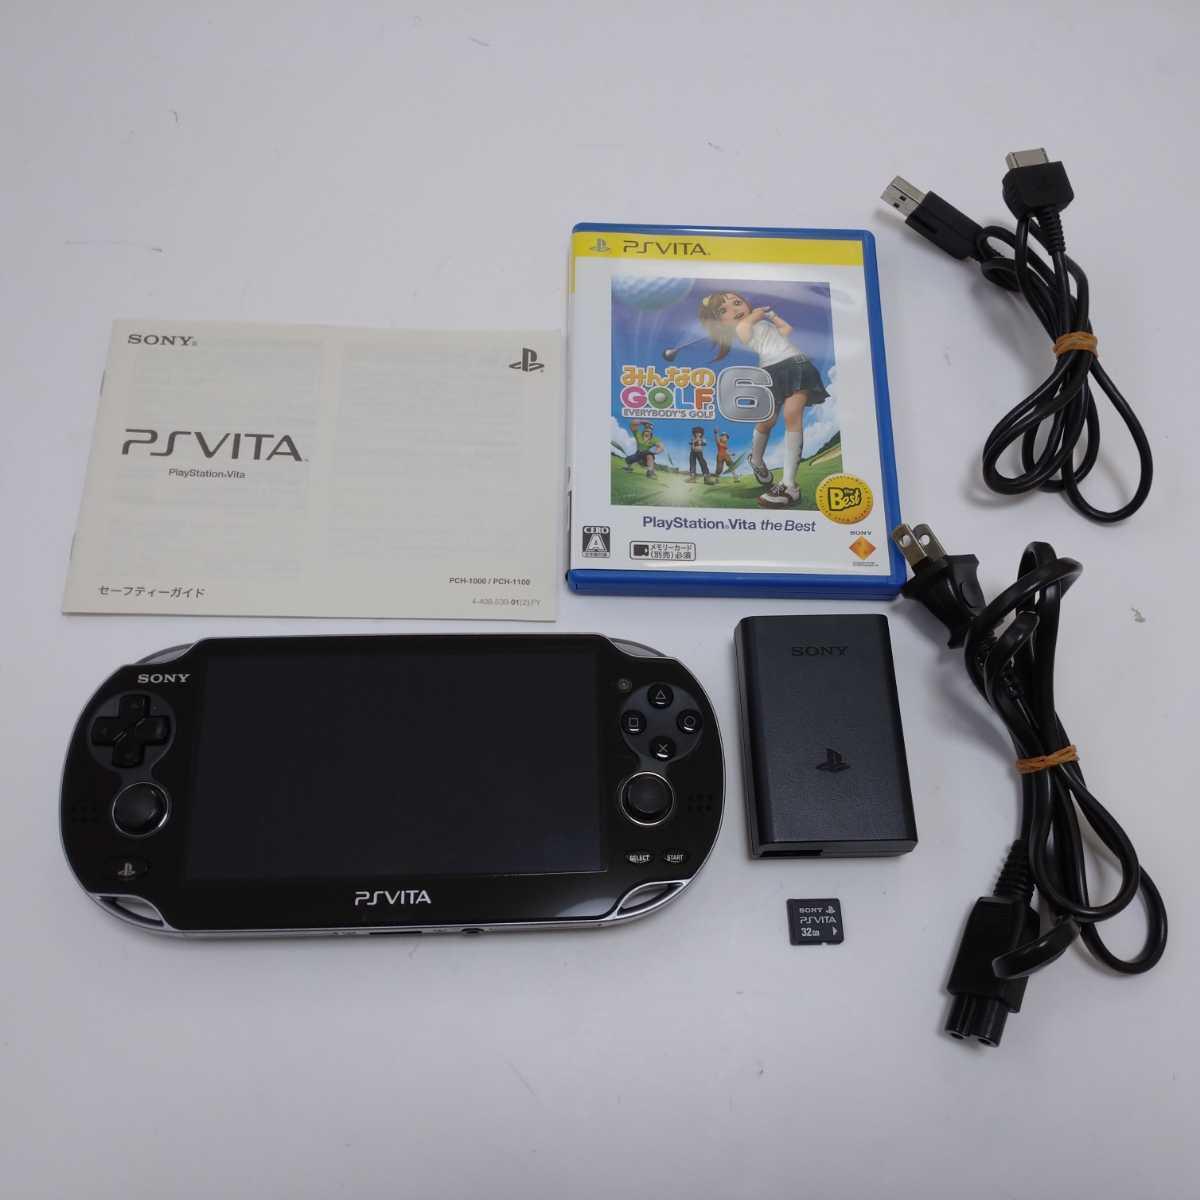 PlayStation Vita Wi-Fiモデル PCH-1100 AA01 クリスタル・ブラック SONY 32GBメモリーカード付き